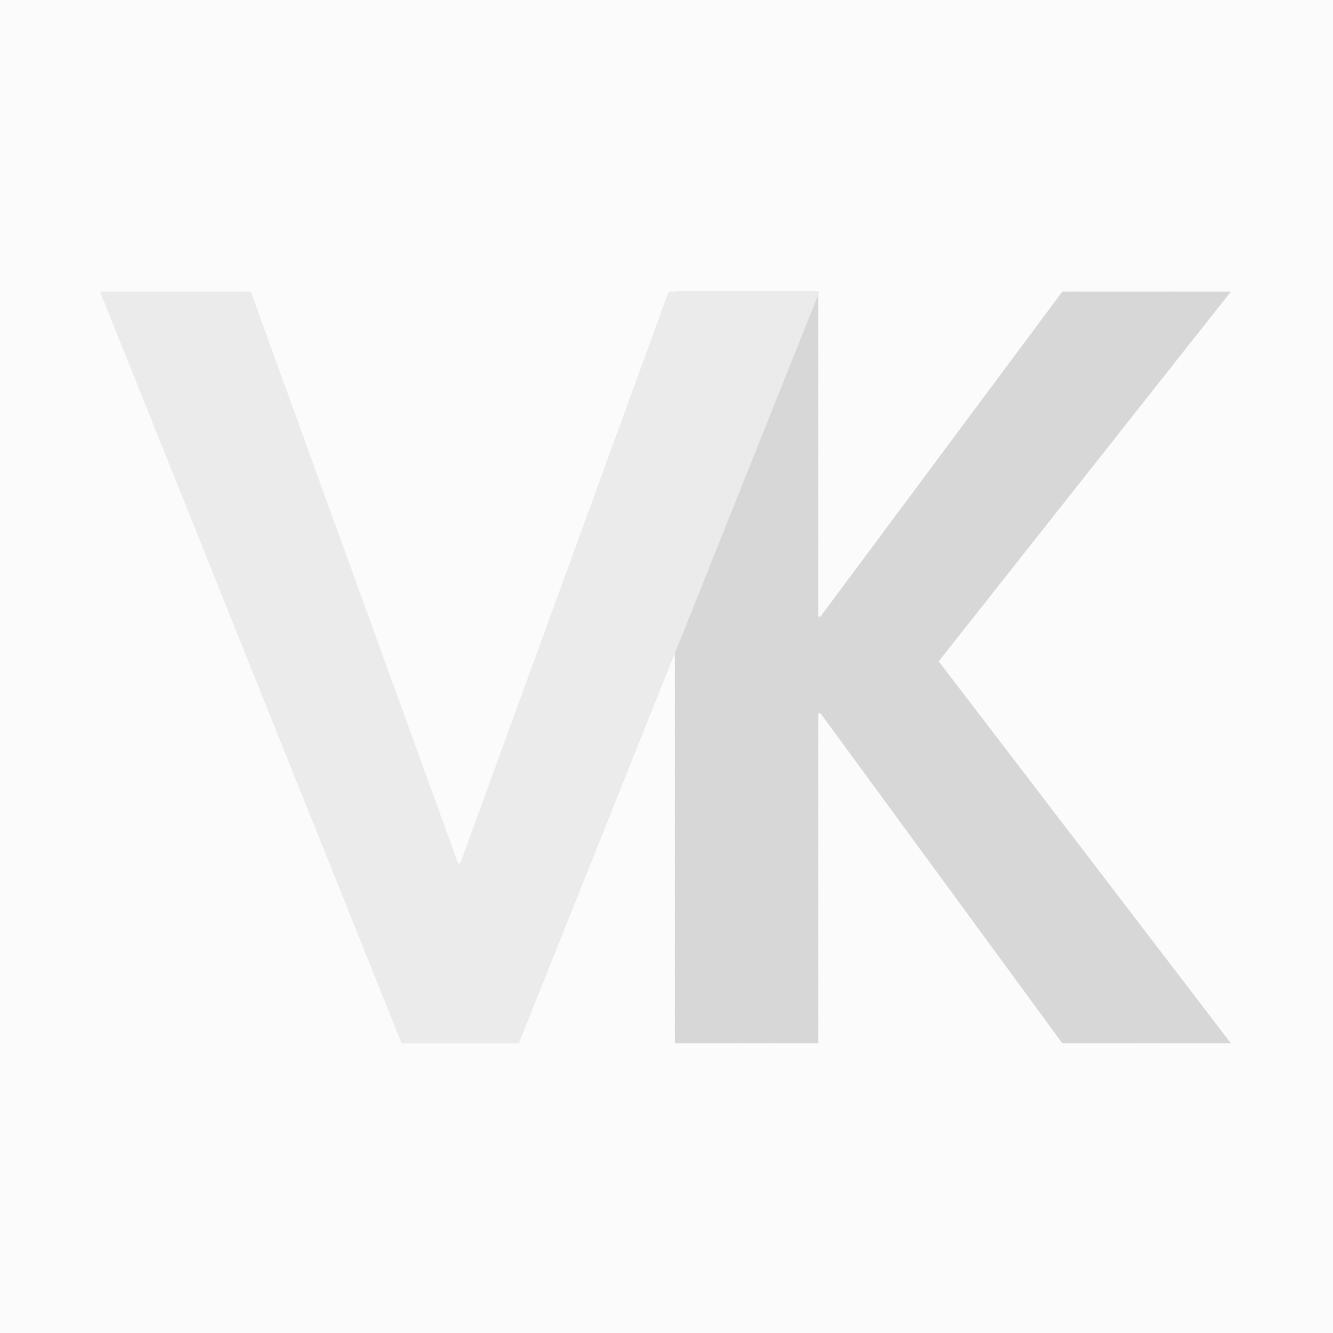 Wahl Barber Kaplaken Wit Met Zwarte Strepen